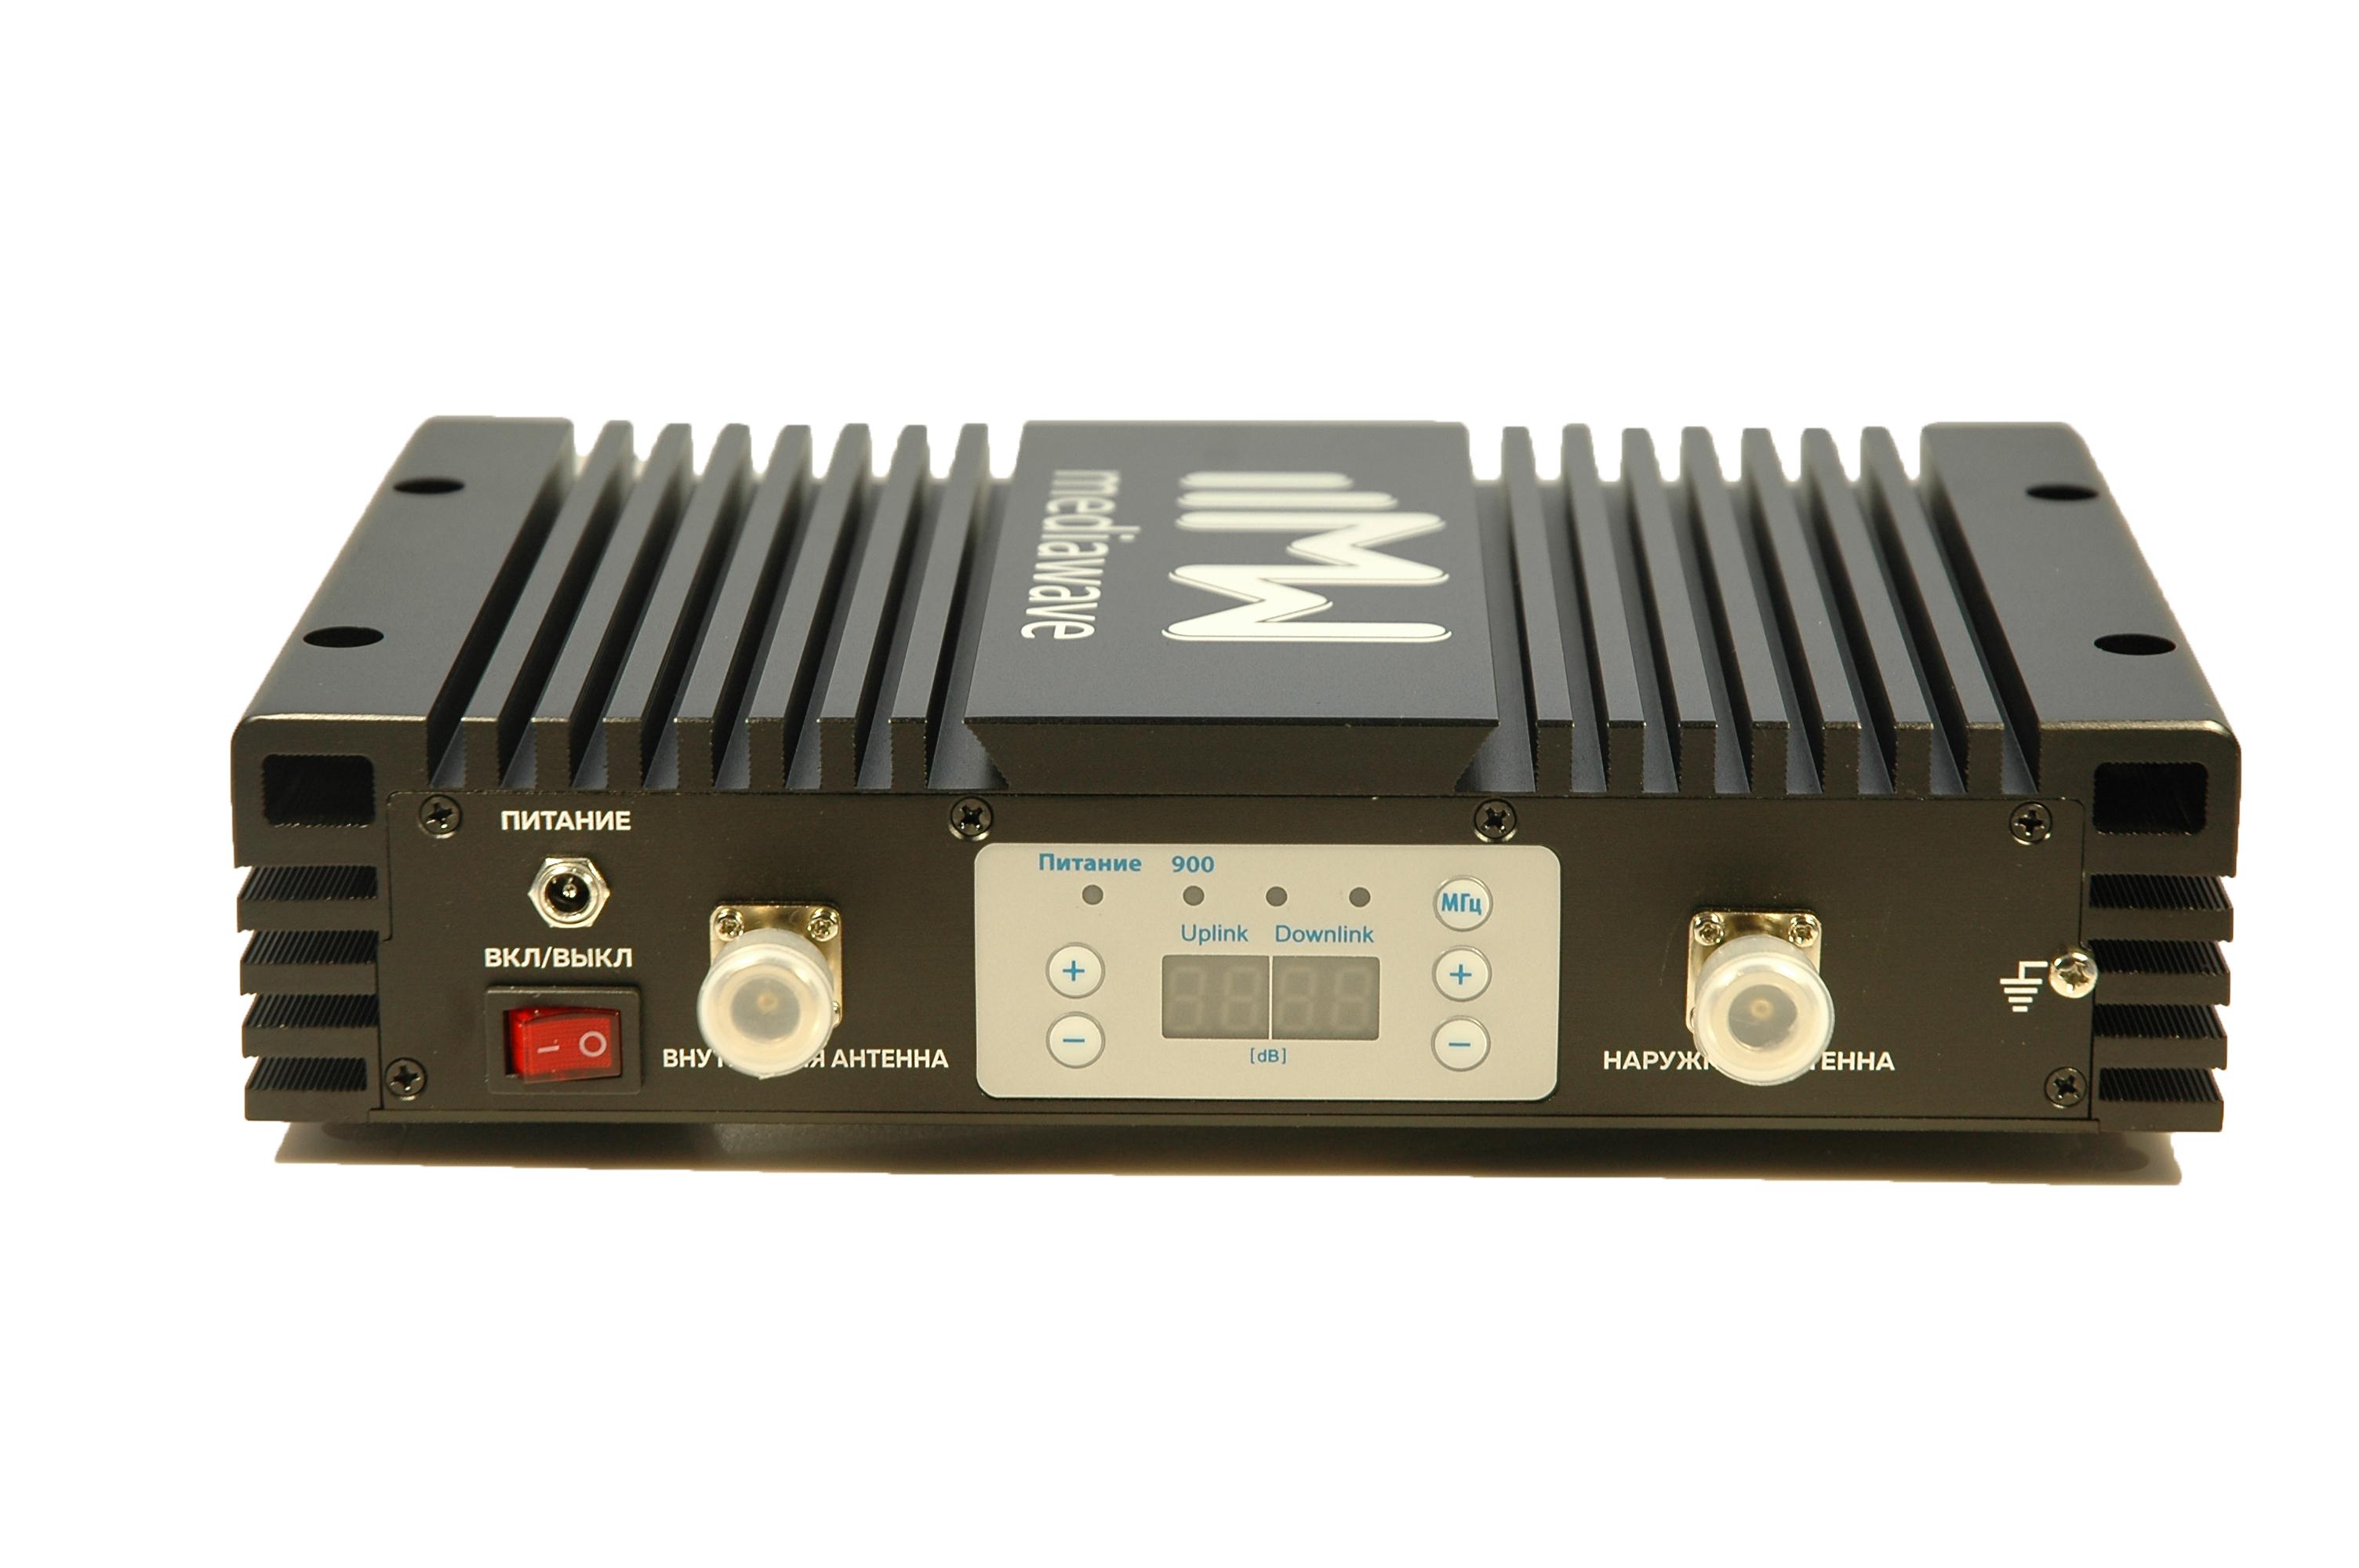 Линейный усилитель (бустер) в стандарте связи EGSM / UMTS 900 МГц - MediaWave MWS-EG-BST33